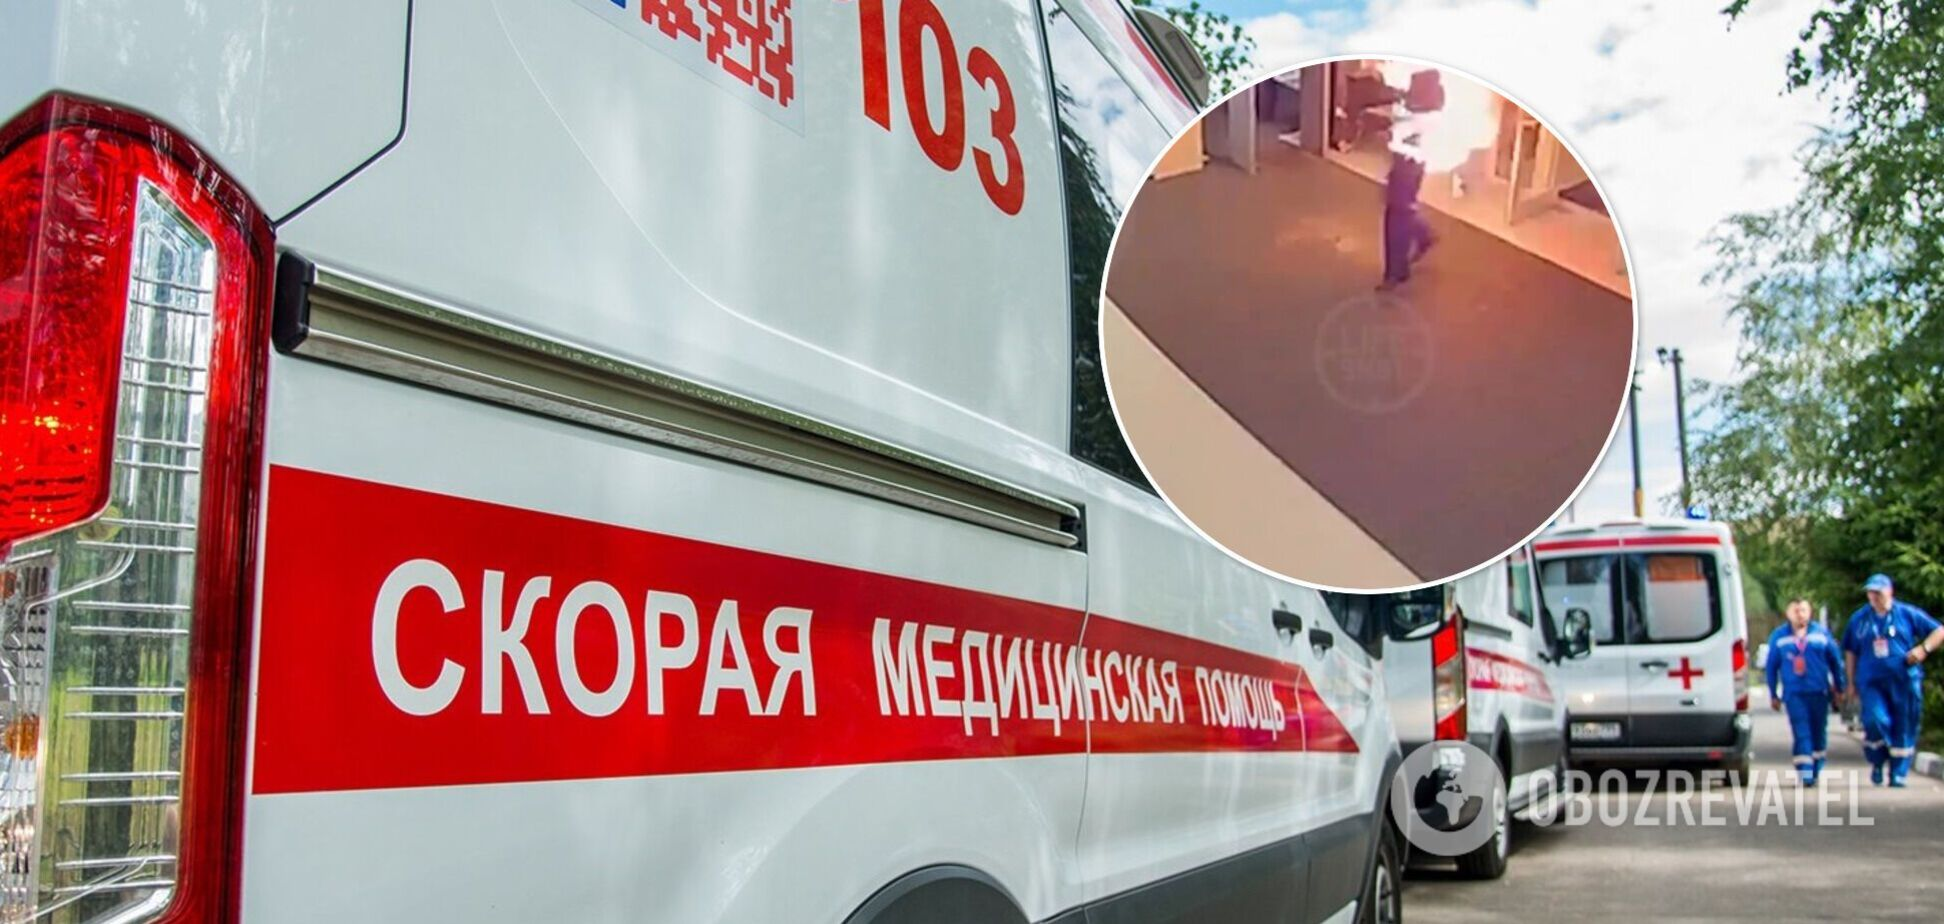 У Росії чоловік улаштував самоспалення під 'Останкіно'. Відео 18+